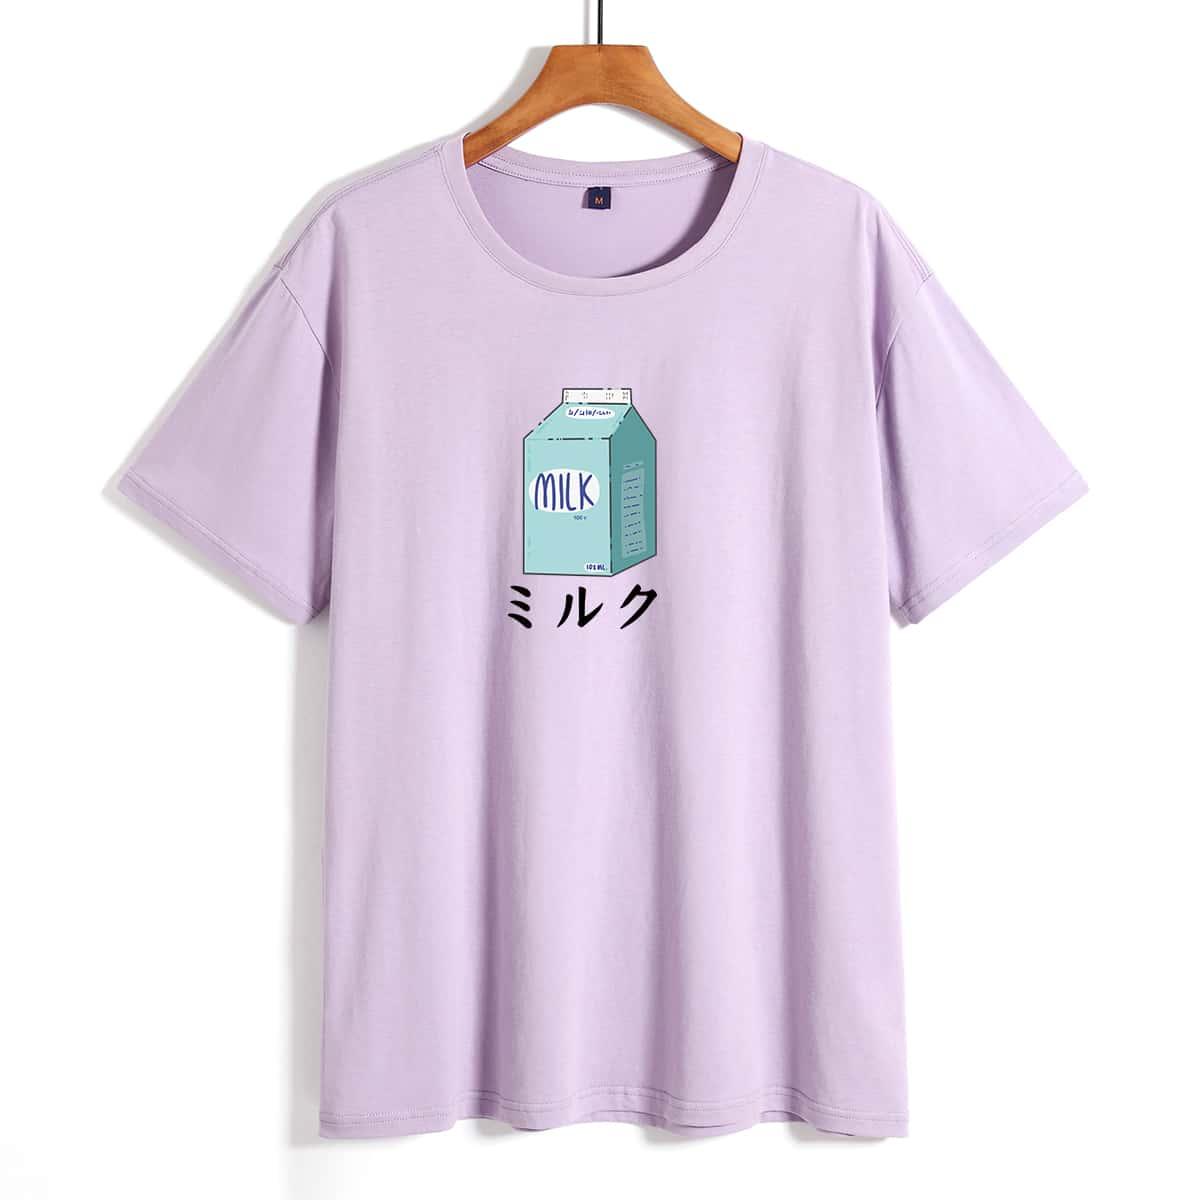 Men Japanese Letter & Milk Print Tee